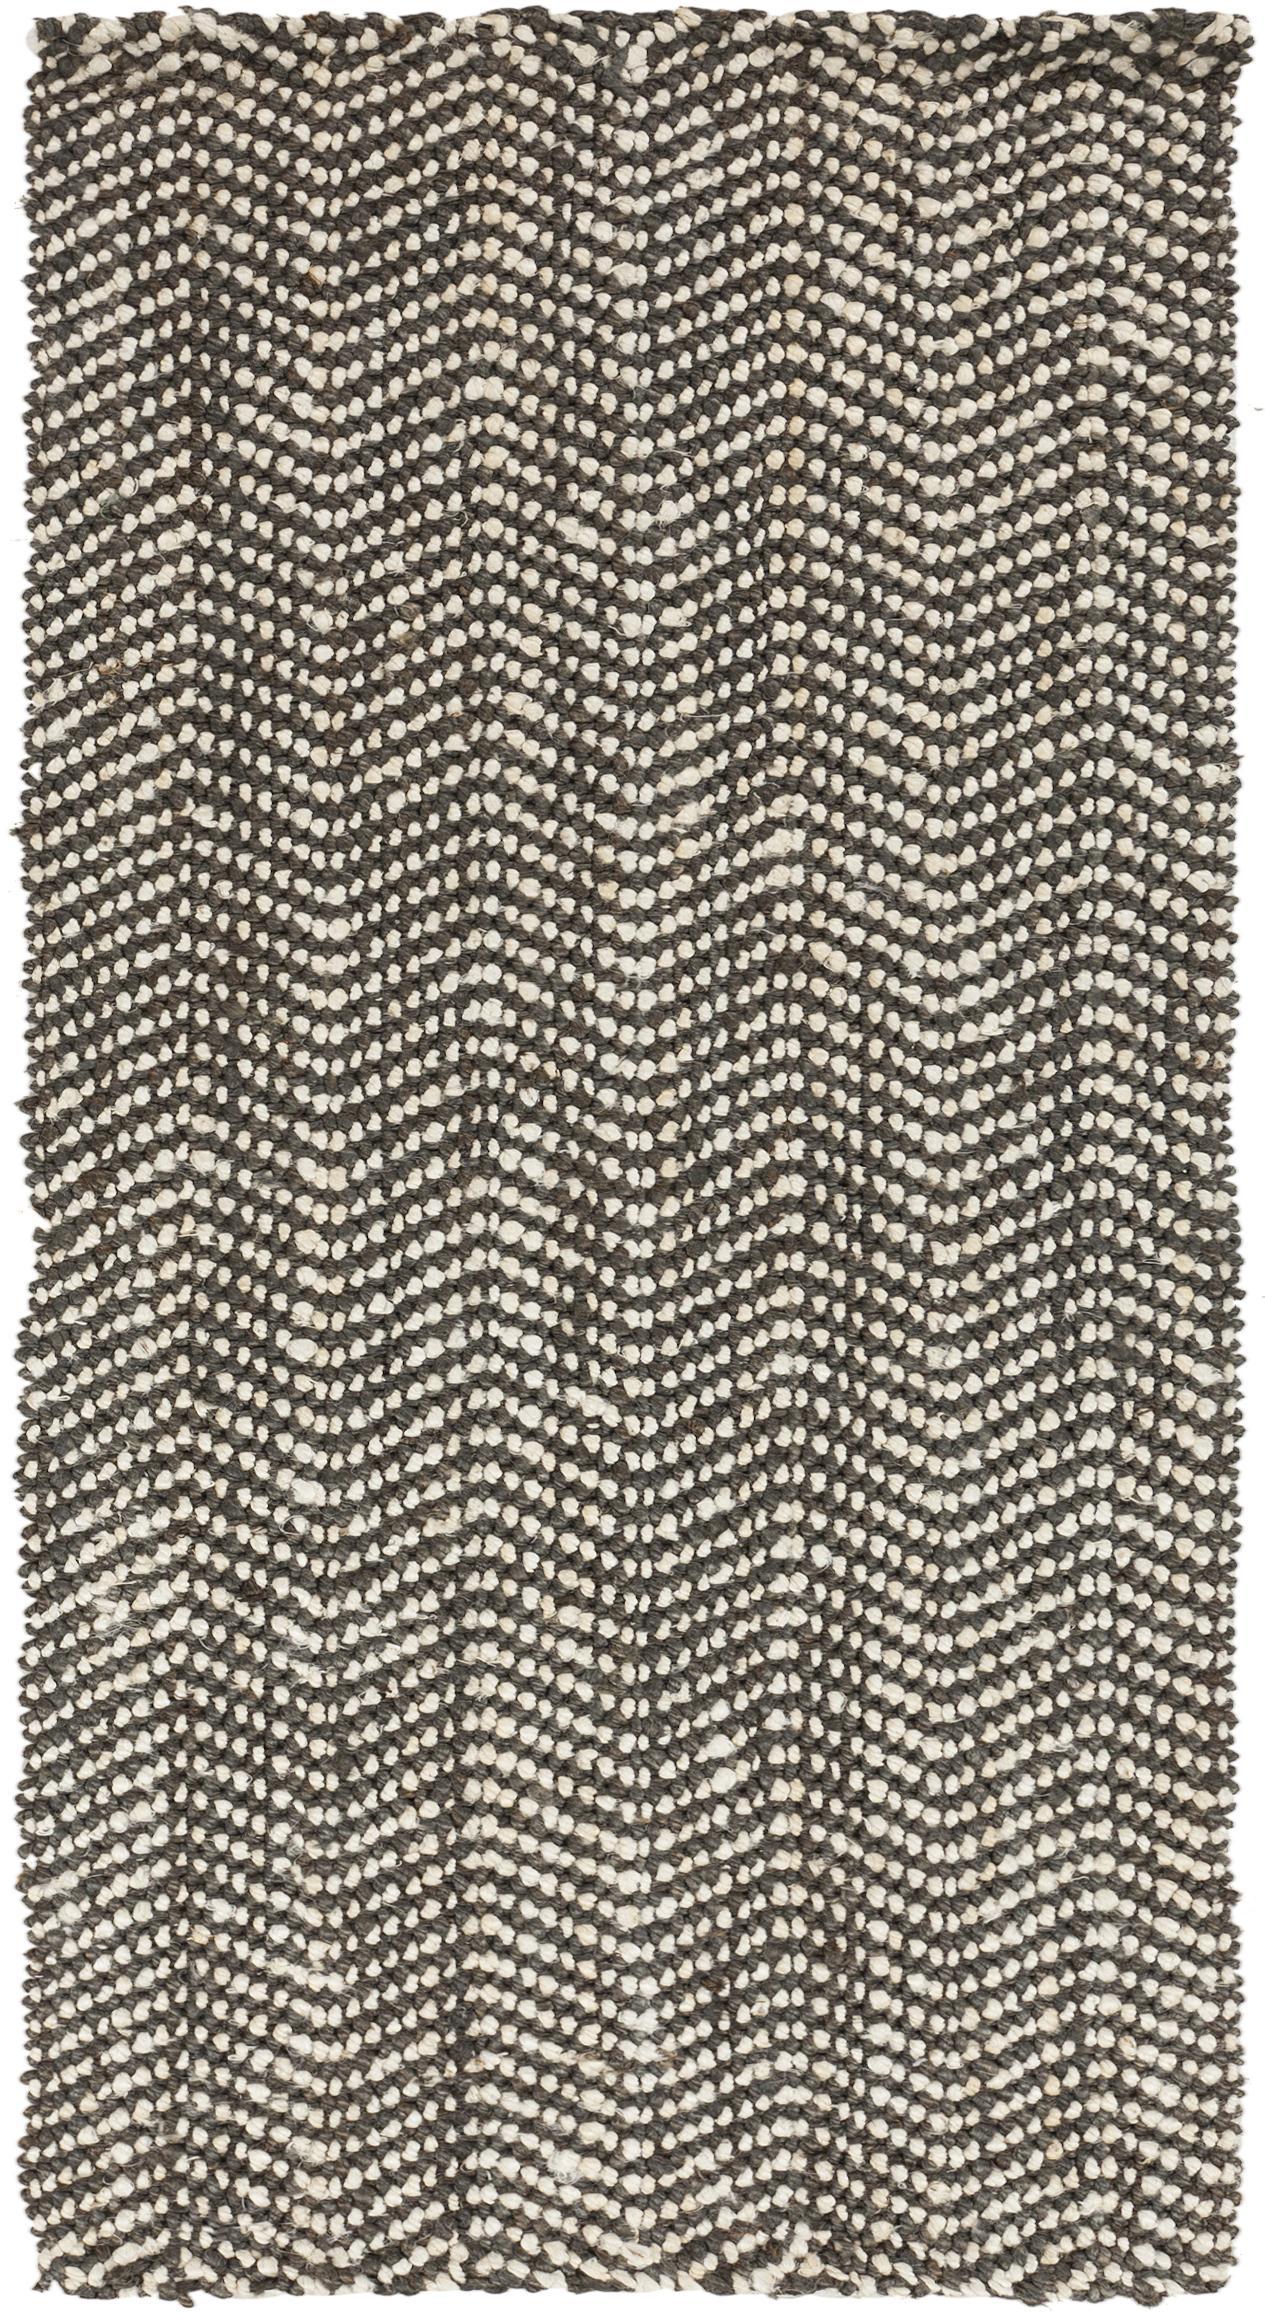 Surya Rugs Reeds 8' x 11' - Item Number: REED803-811